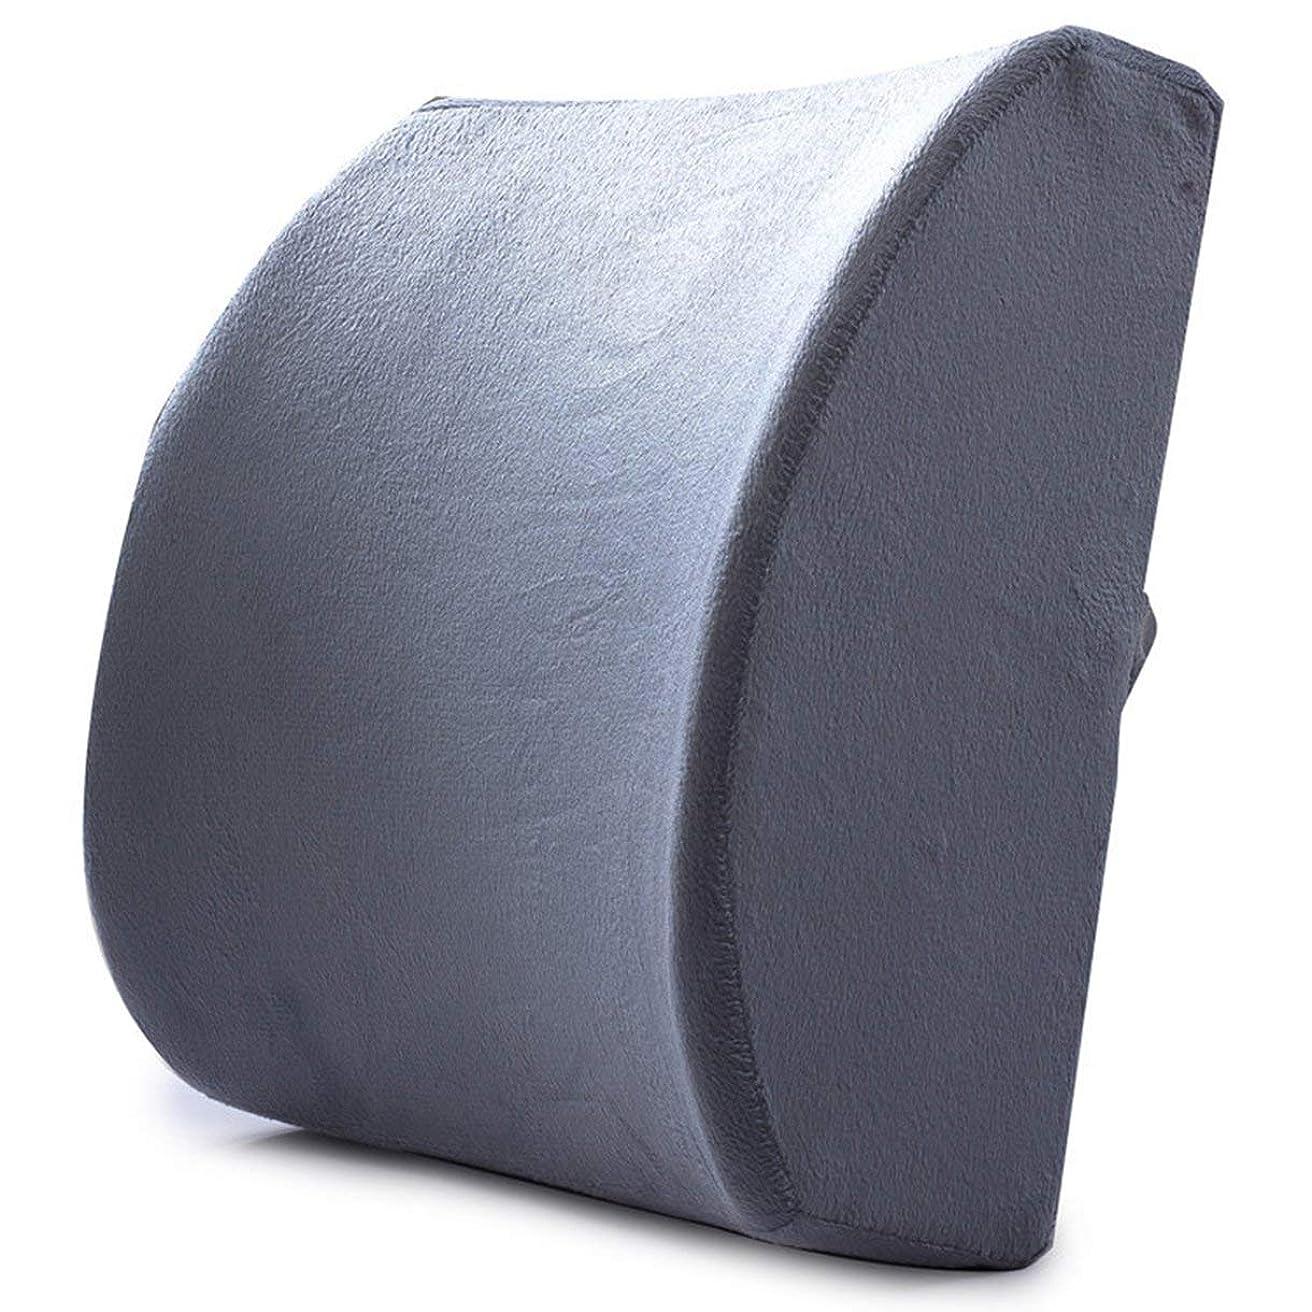 ルールダイジェスト着替えるMemory Foam Lumbar Support Waist Cushion Pillow For Chairs in the Car Seat Pillows Home Office Relieve Pain